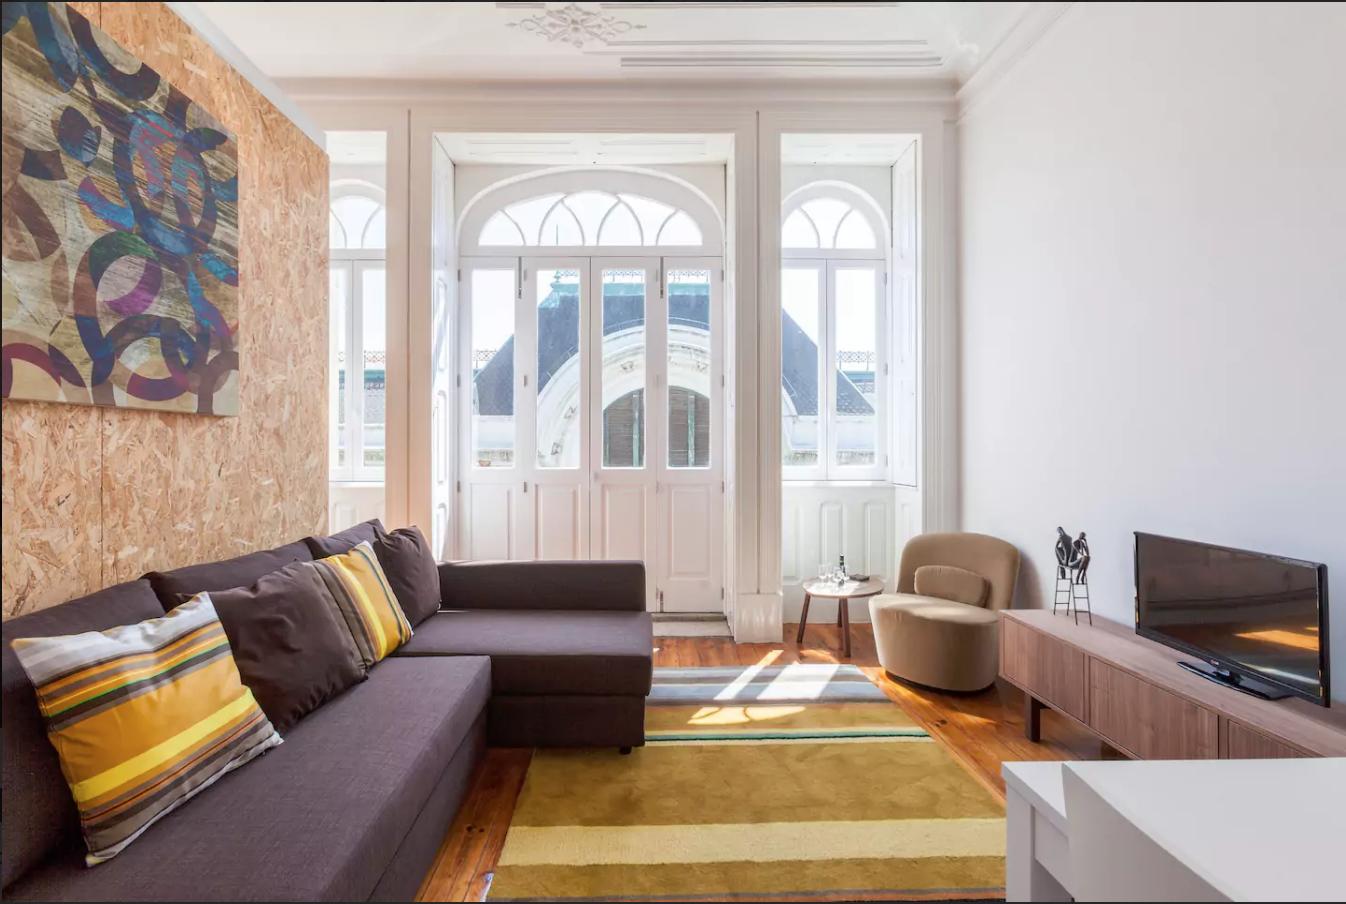 location-airbnb-porto-portugal-2